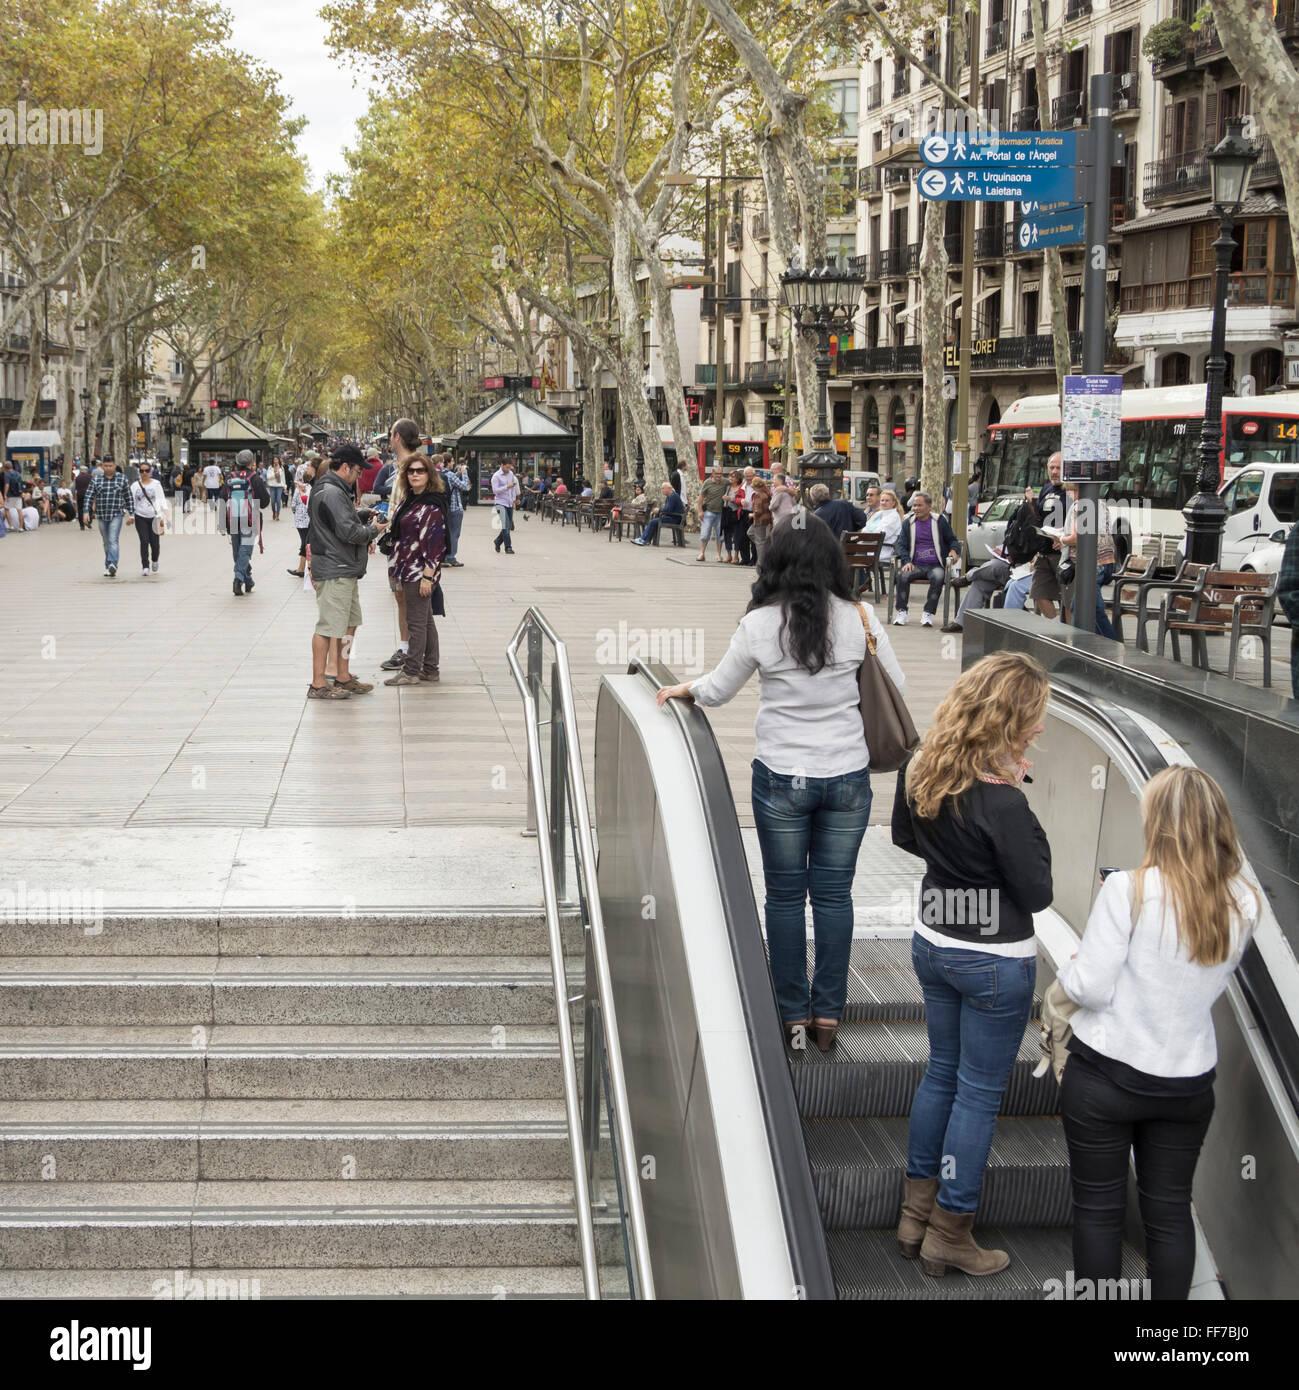 Metro station entrance on Las Ramblas, Barcelona, Spain - Stock Image